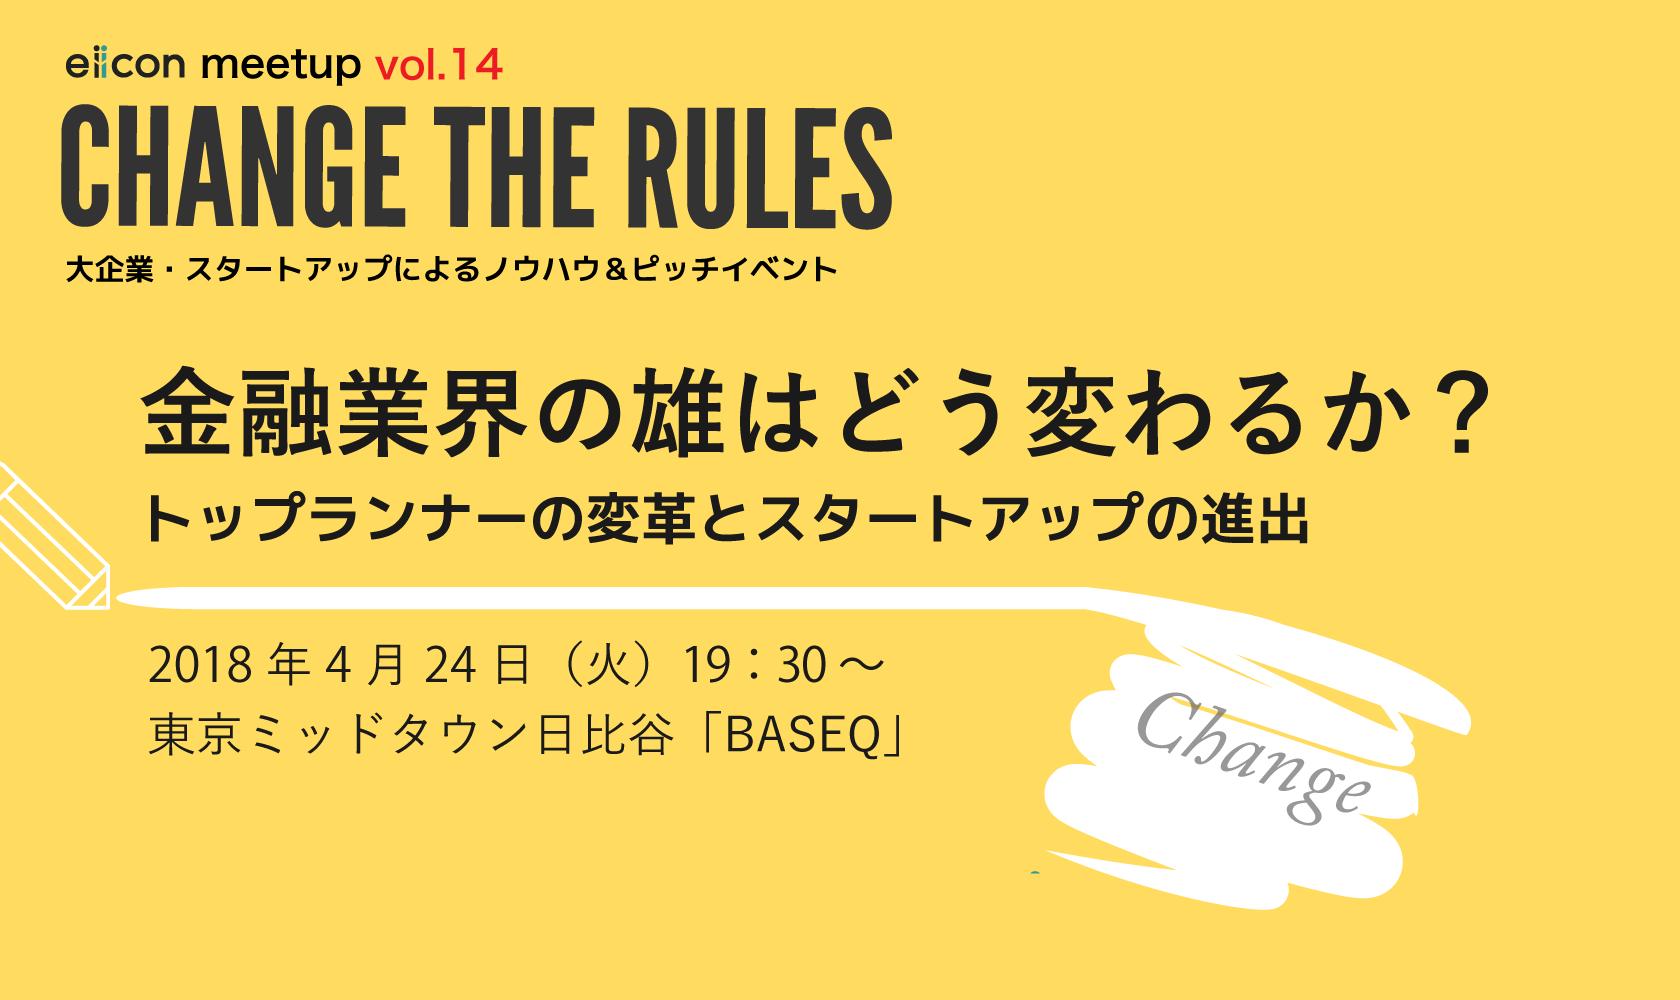 4月24日(火)19:30〜20:30 CHANGE THE RULES eiicon meet up!! vol.14「金融業界の雄はどう変わるか?トップランナーの変革とスタートアップの進出」